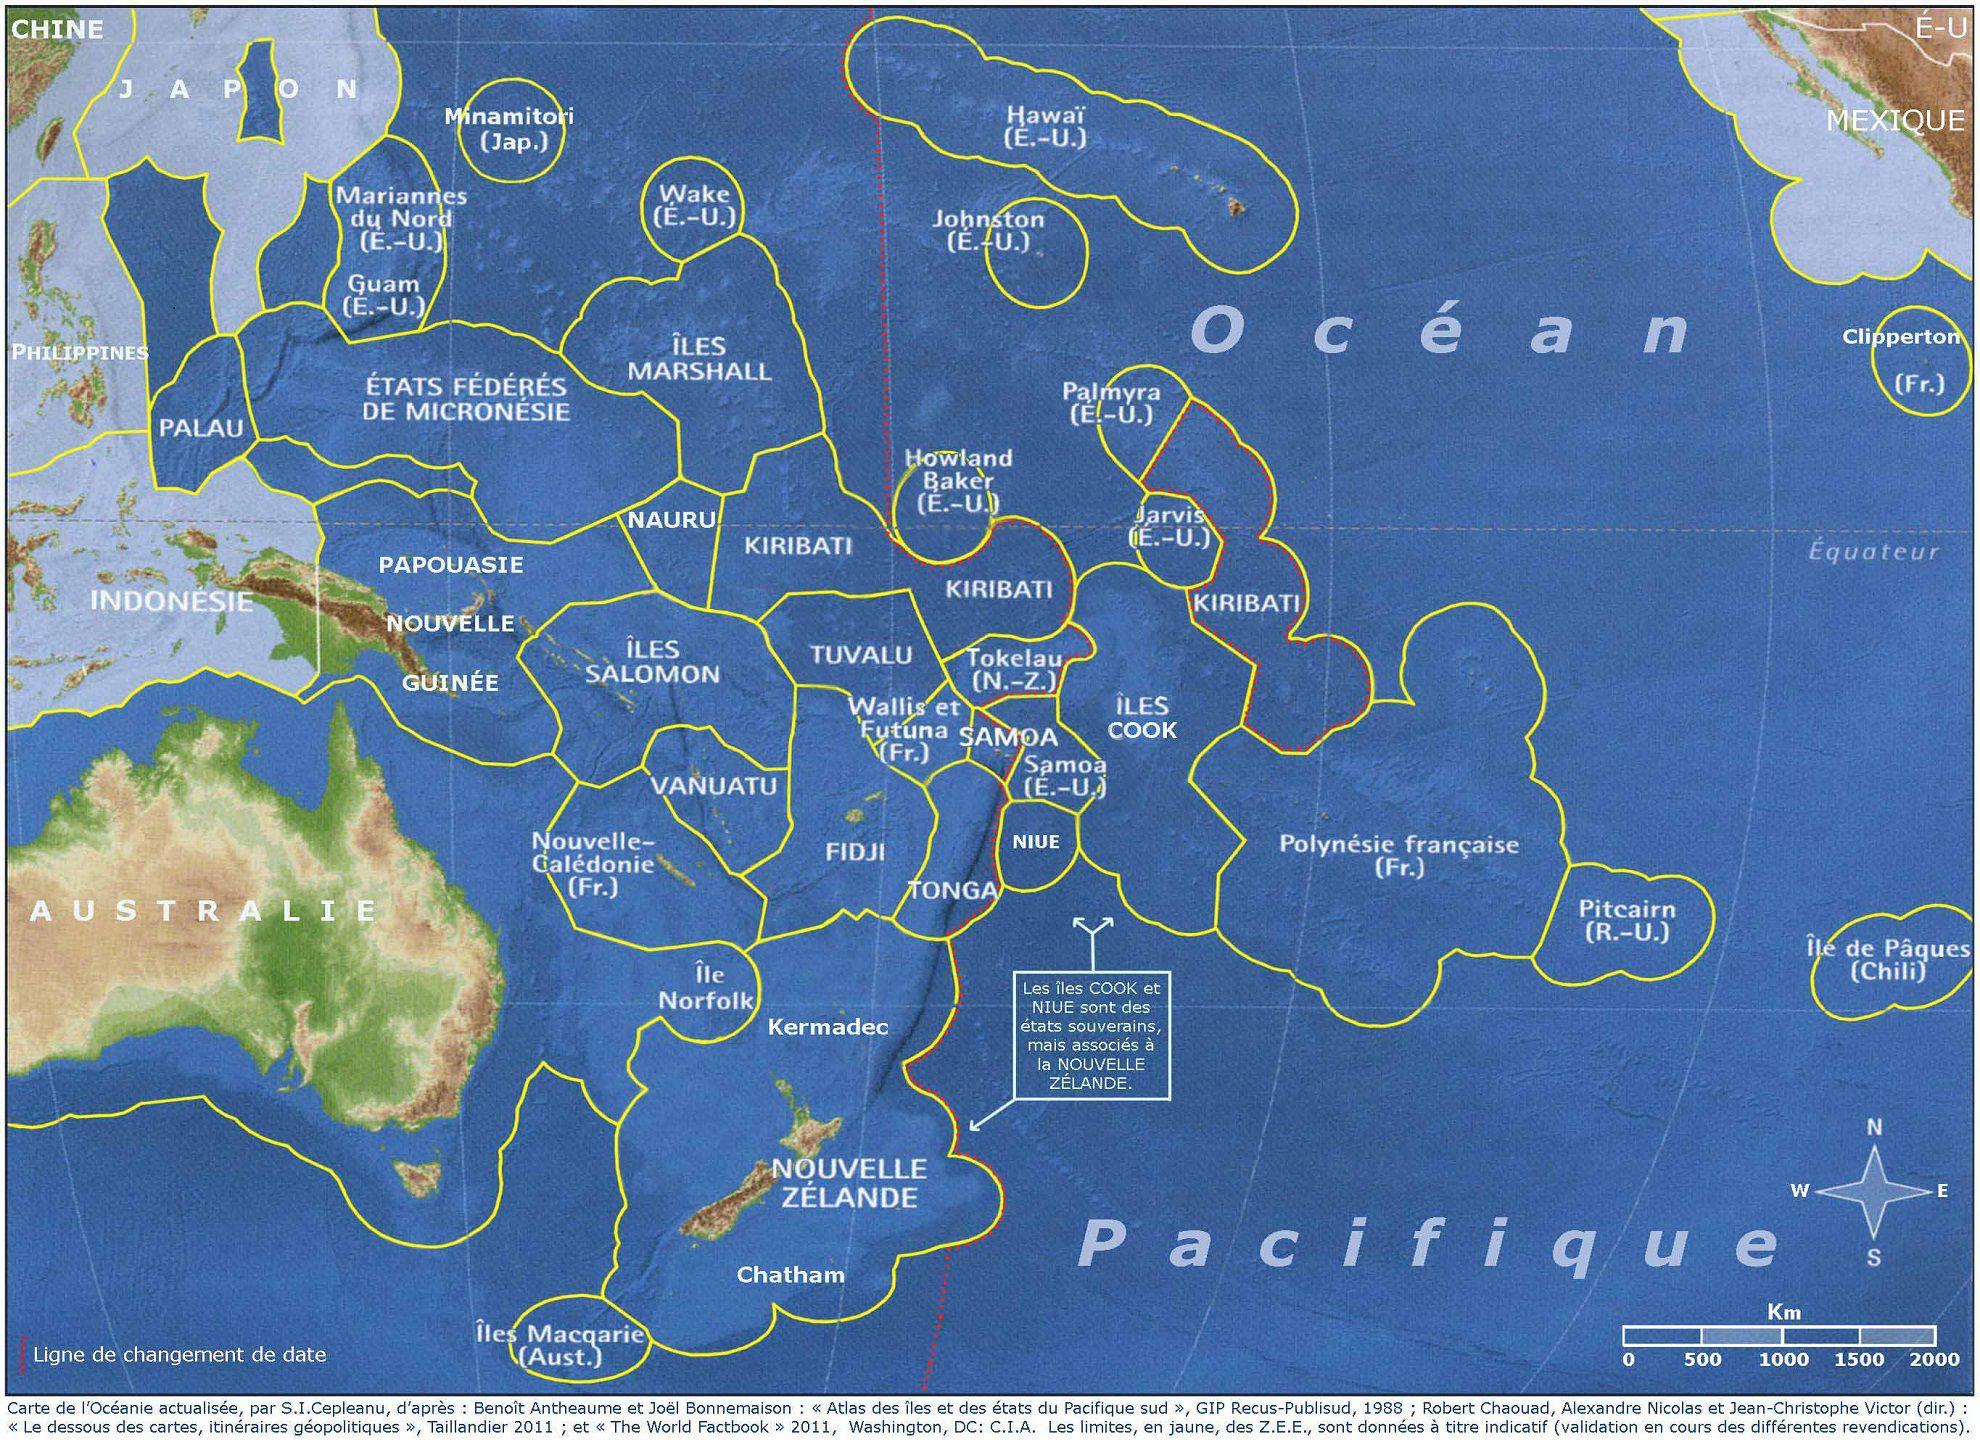 Carte des pays de l'Océanie